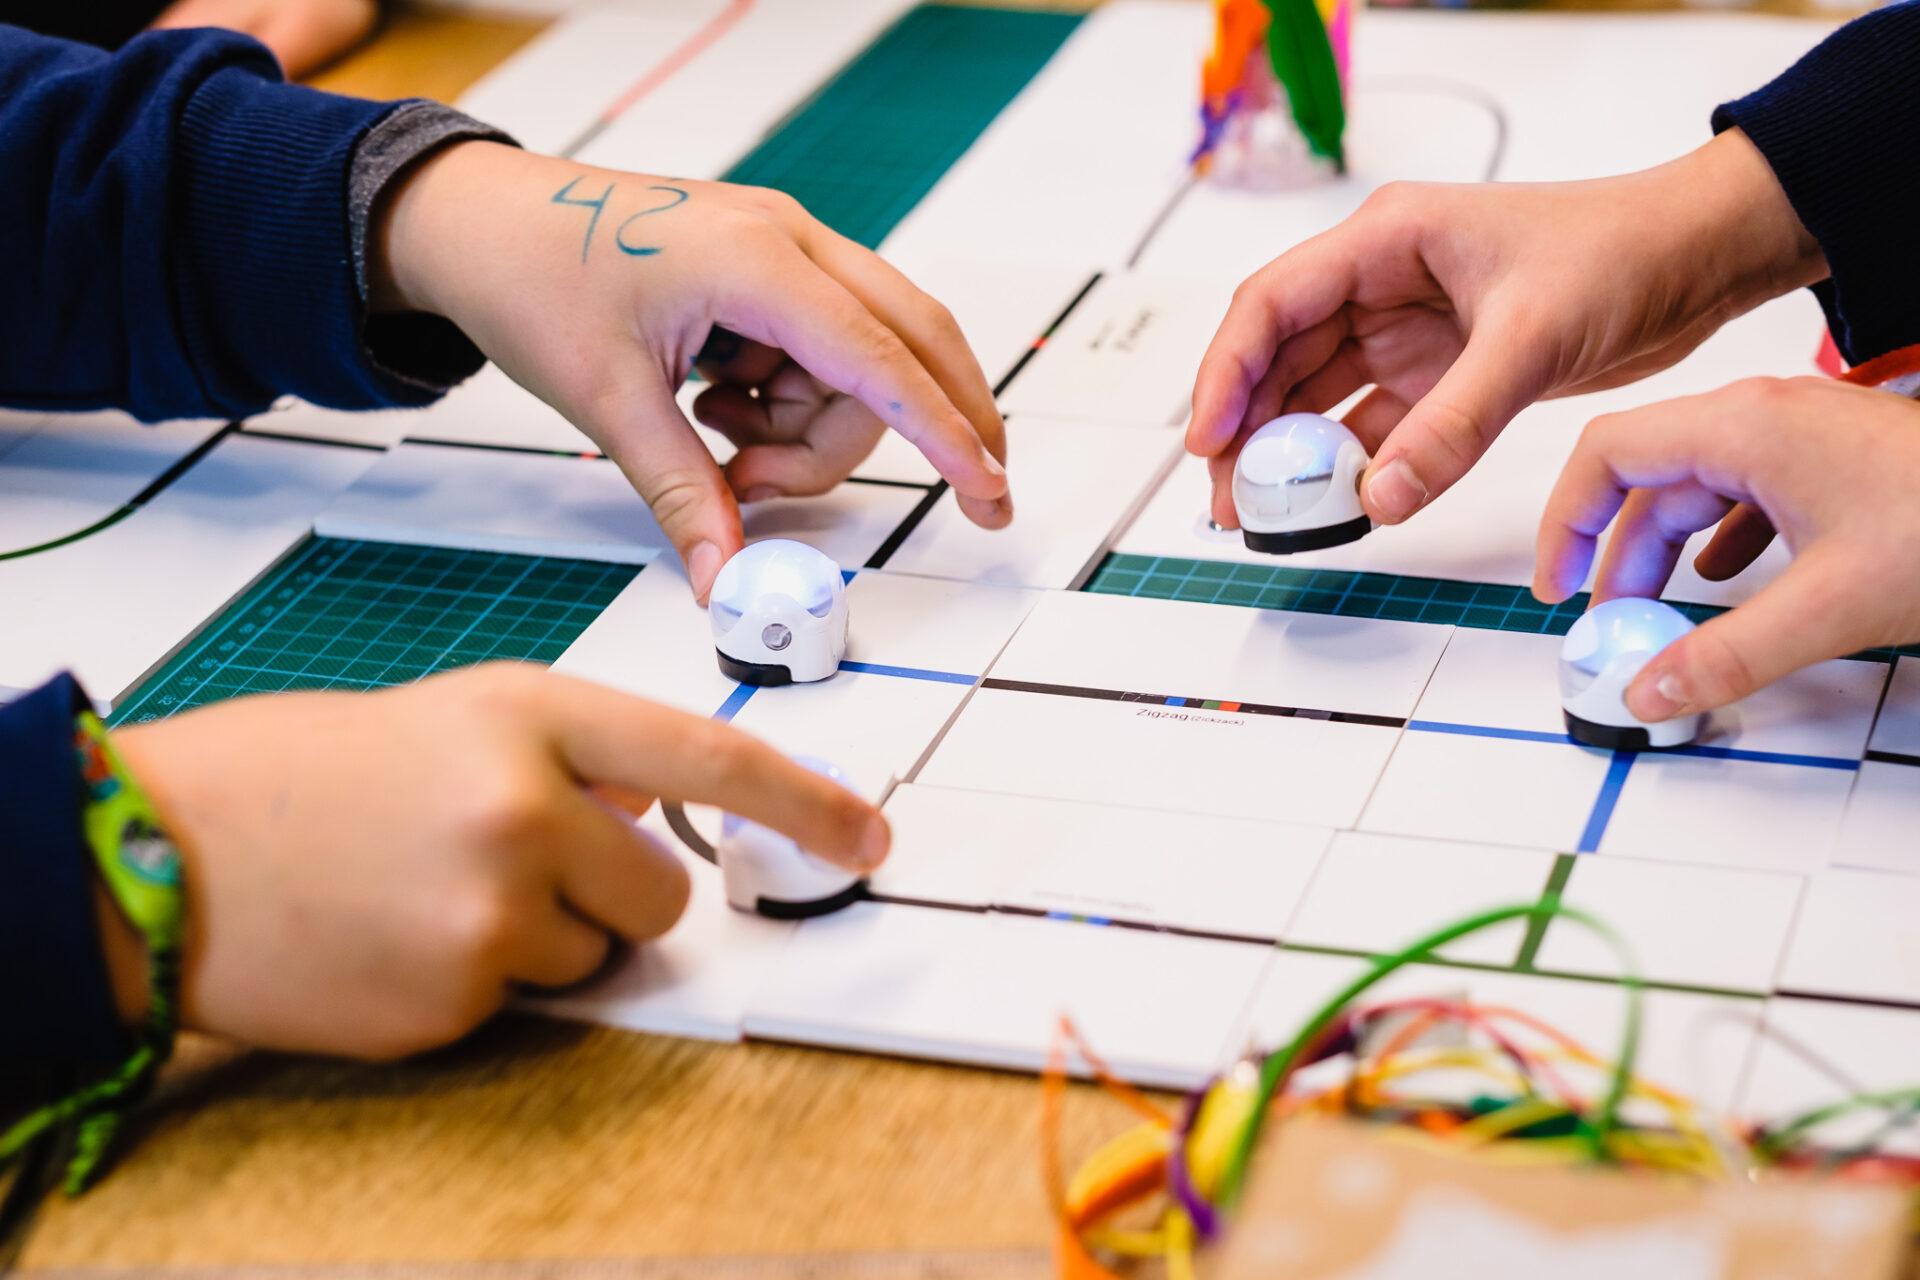 Kleine Roboter von Kinderhänden gesteuert